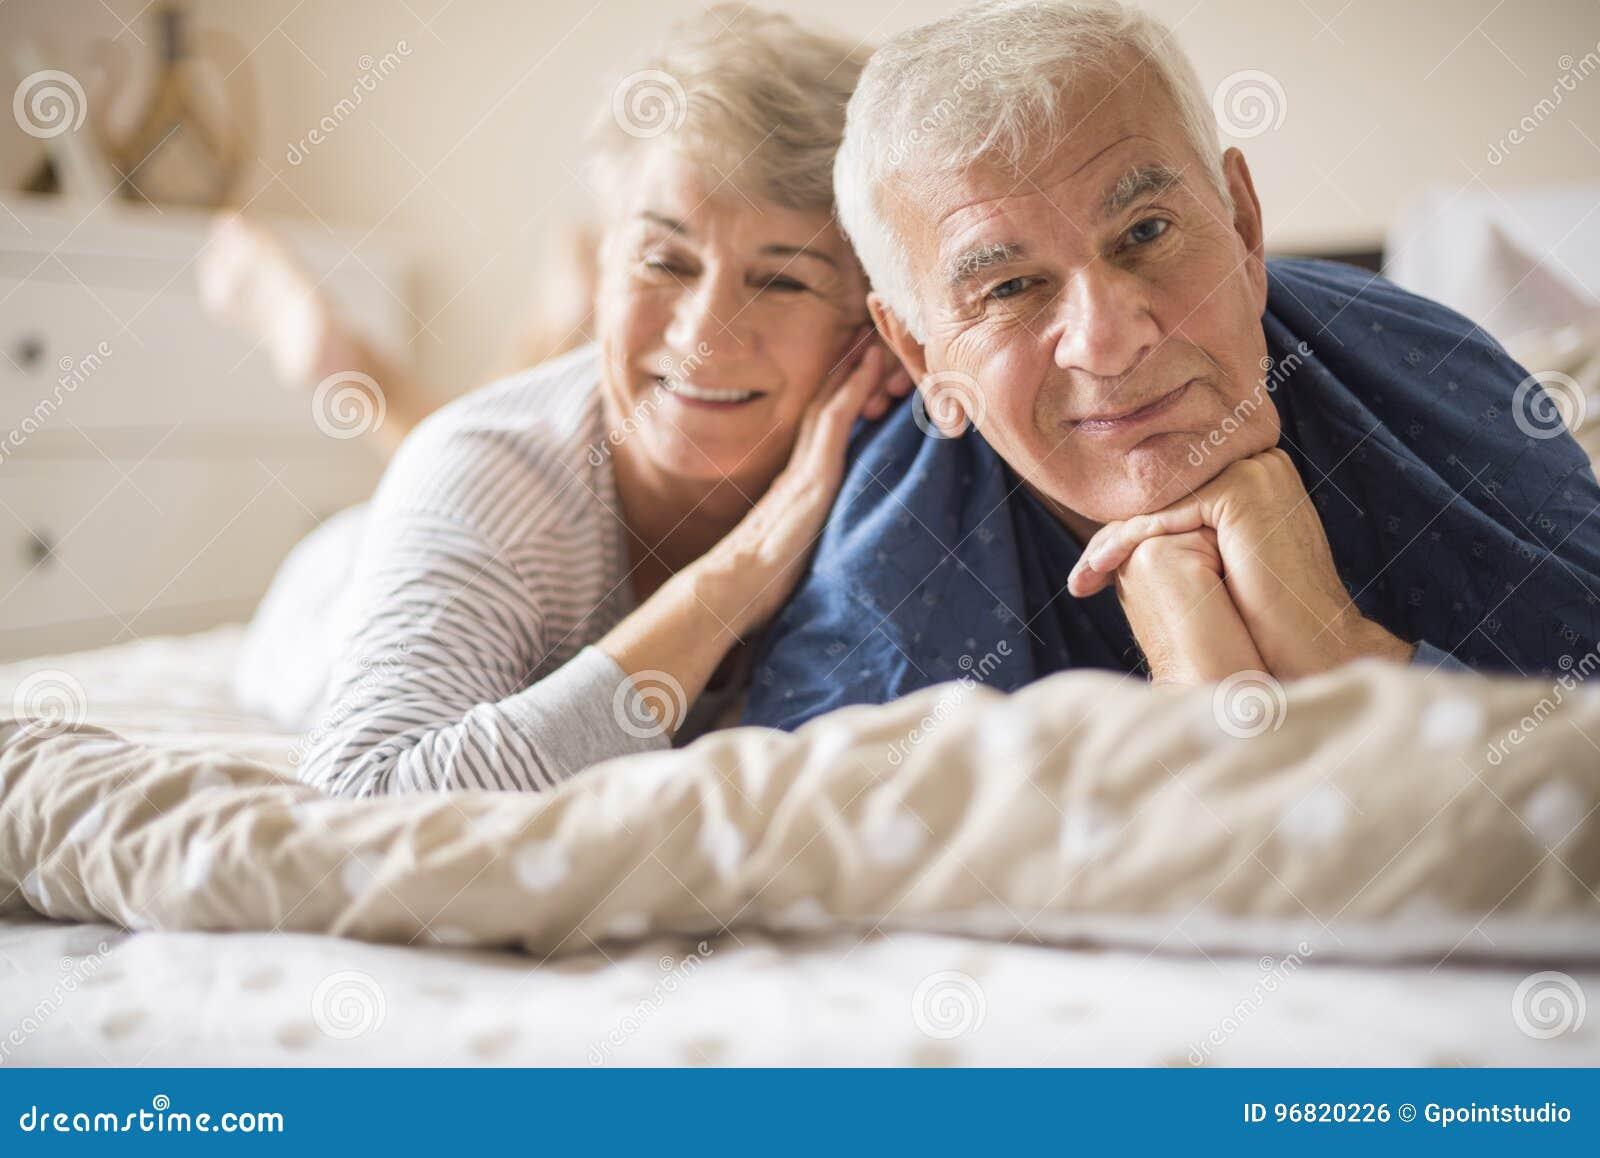 поэтому русская пожилая пара лежат в кровати этих индейцев совсем